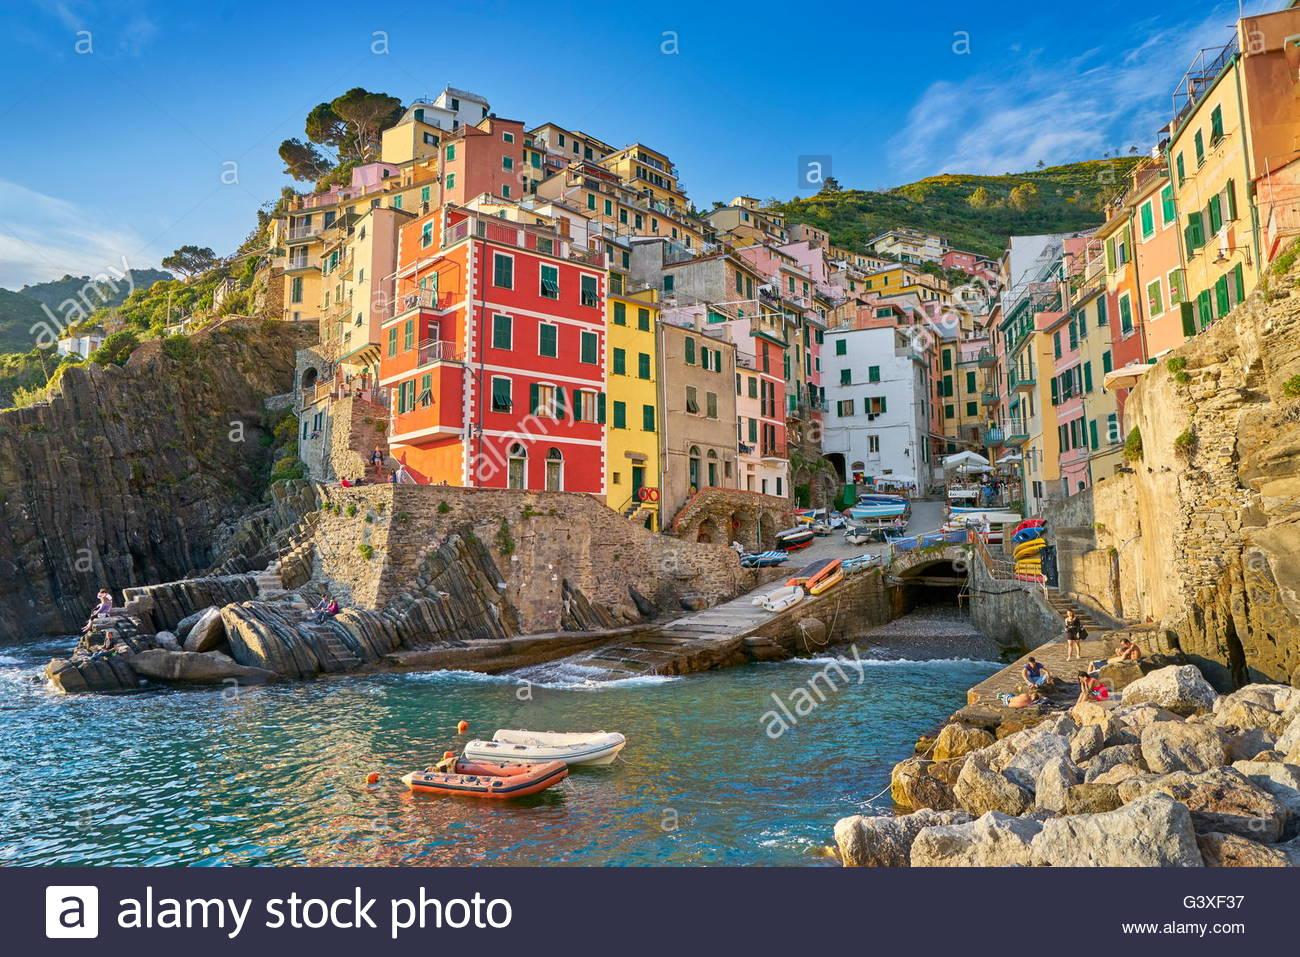 Riomaggiore, Riviera de Levanto, Cinque Terre, Liguria, Italy - Stock Image